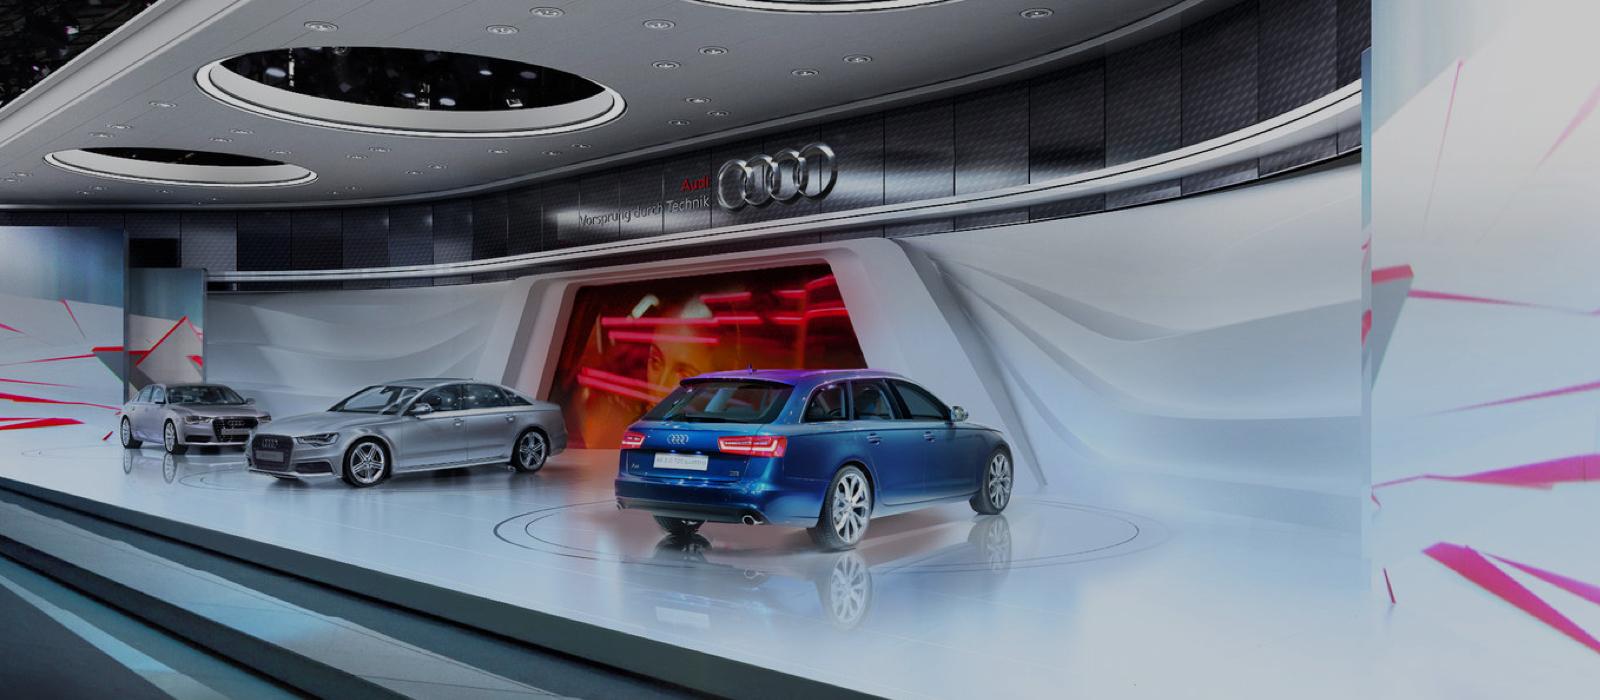 Giới thiệu về đại lý xe Audi Đà Nẵng